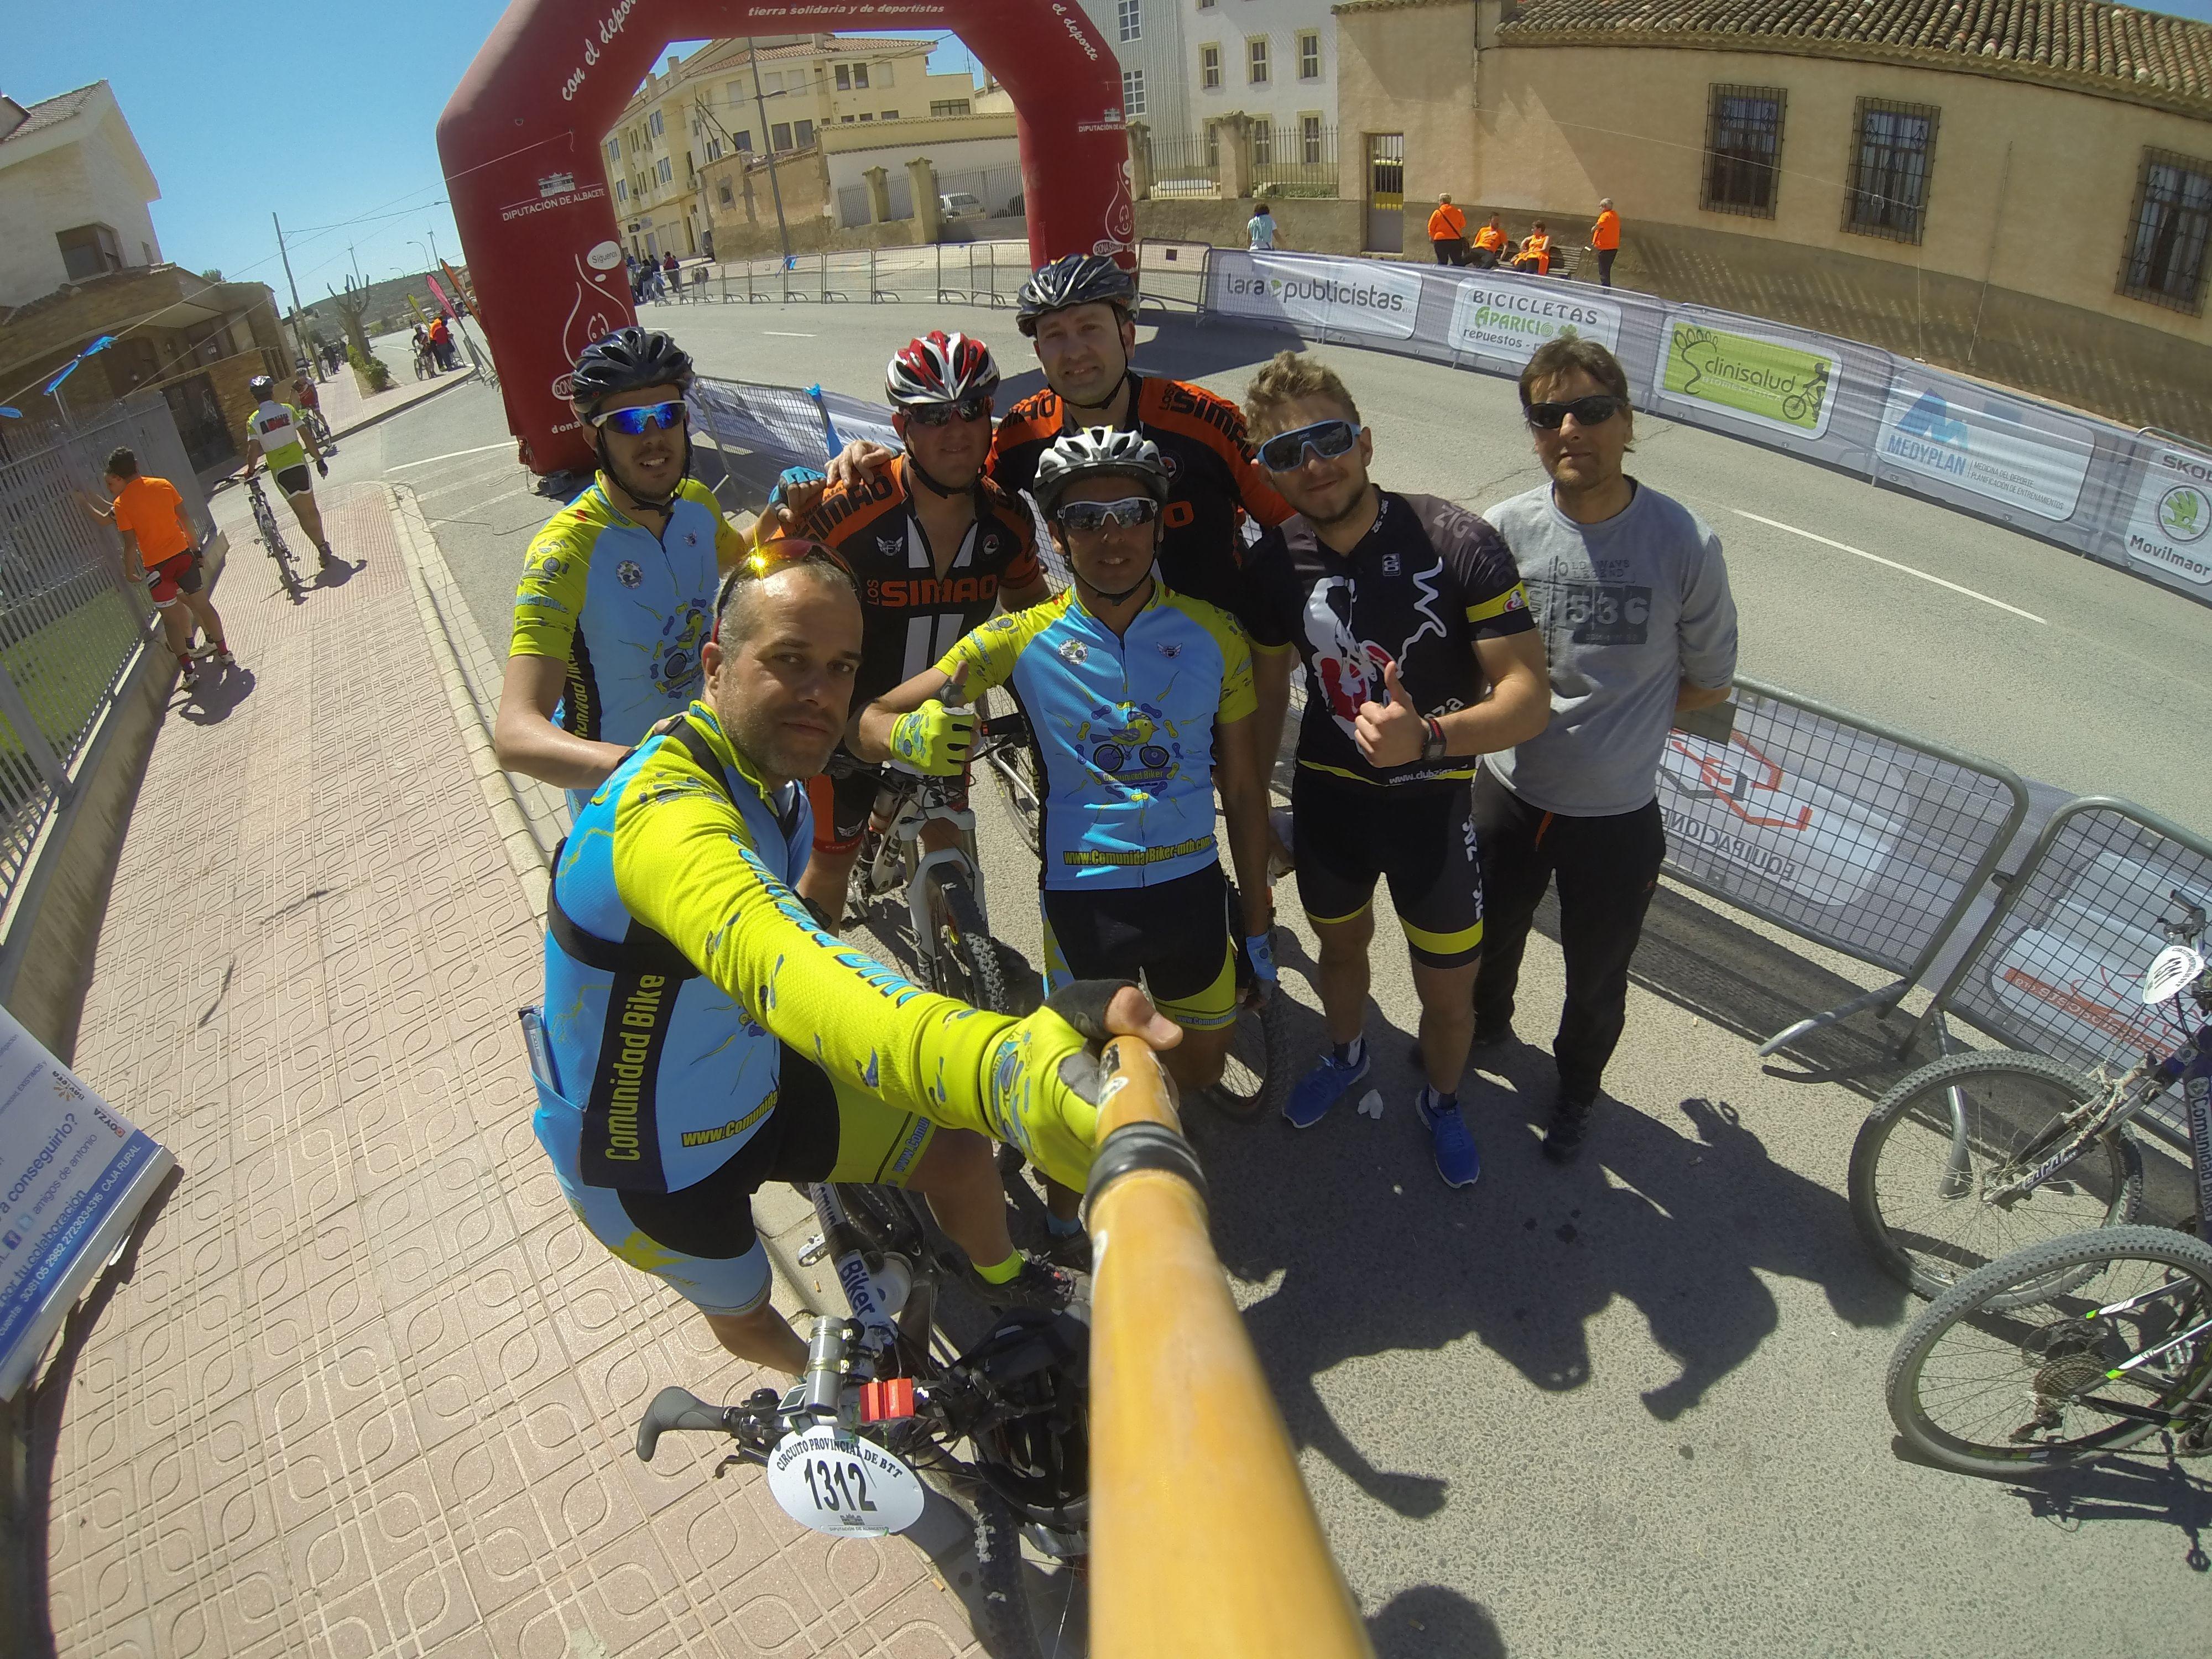 Crónica de la marcha BTT Pozo Cañada del X Circuito BTT de Albacete